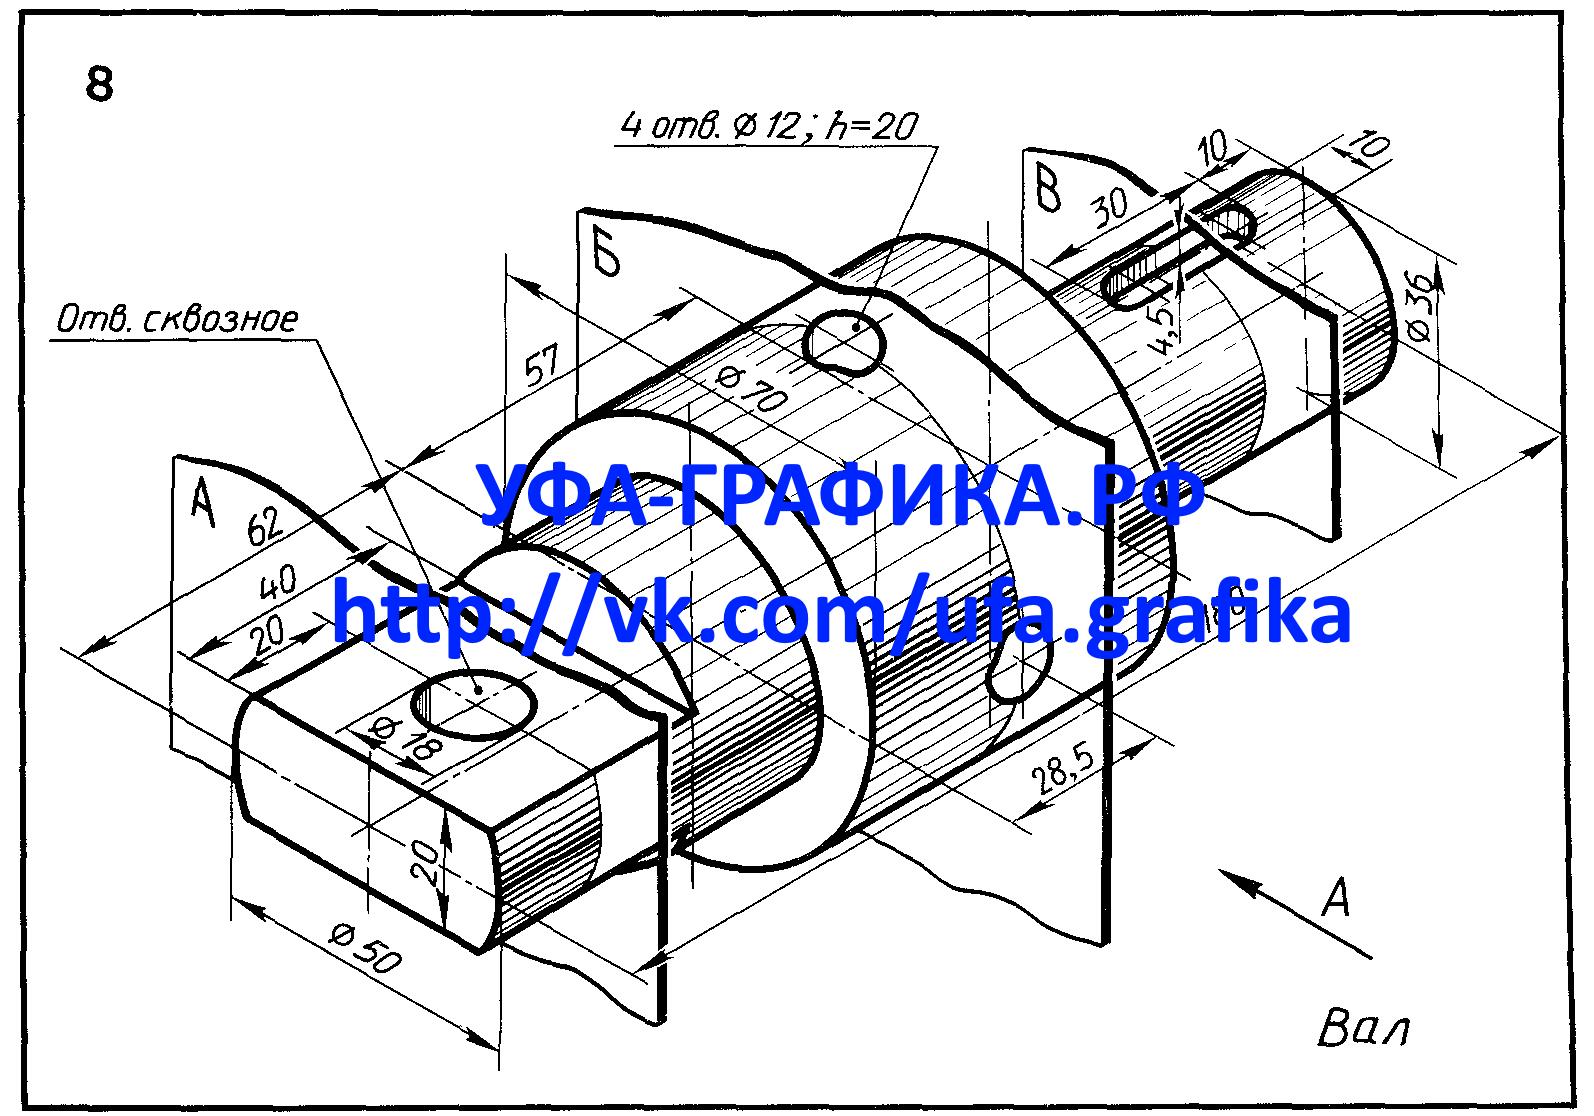 Сечения вала - Вариант 8, чертежи, деталирование, 3Д модели, начертательная геометрия, инженерная графика